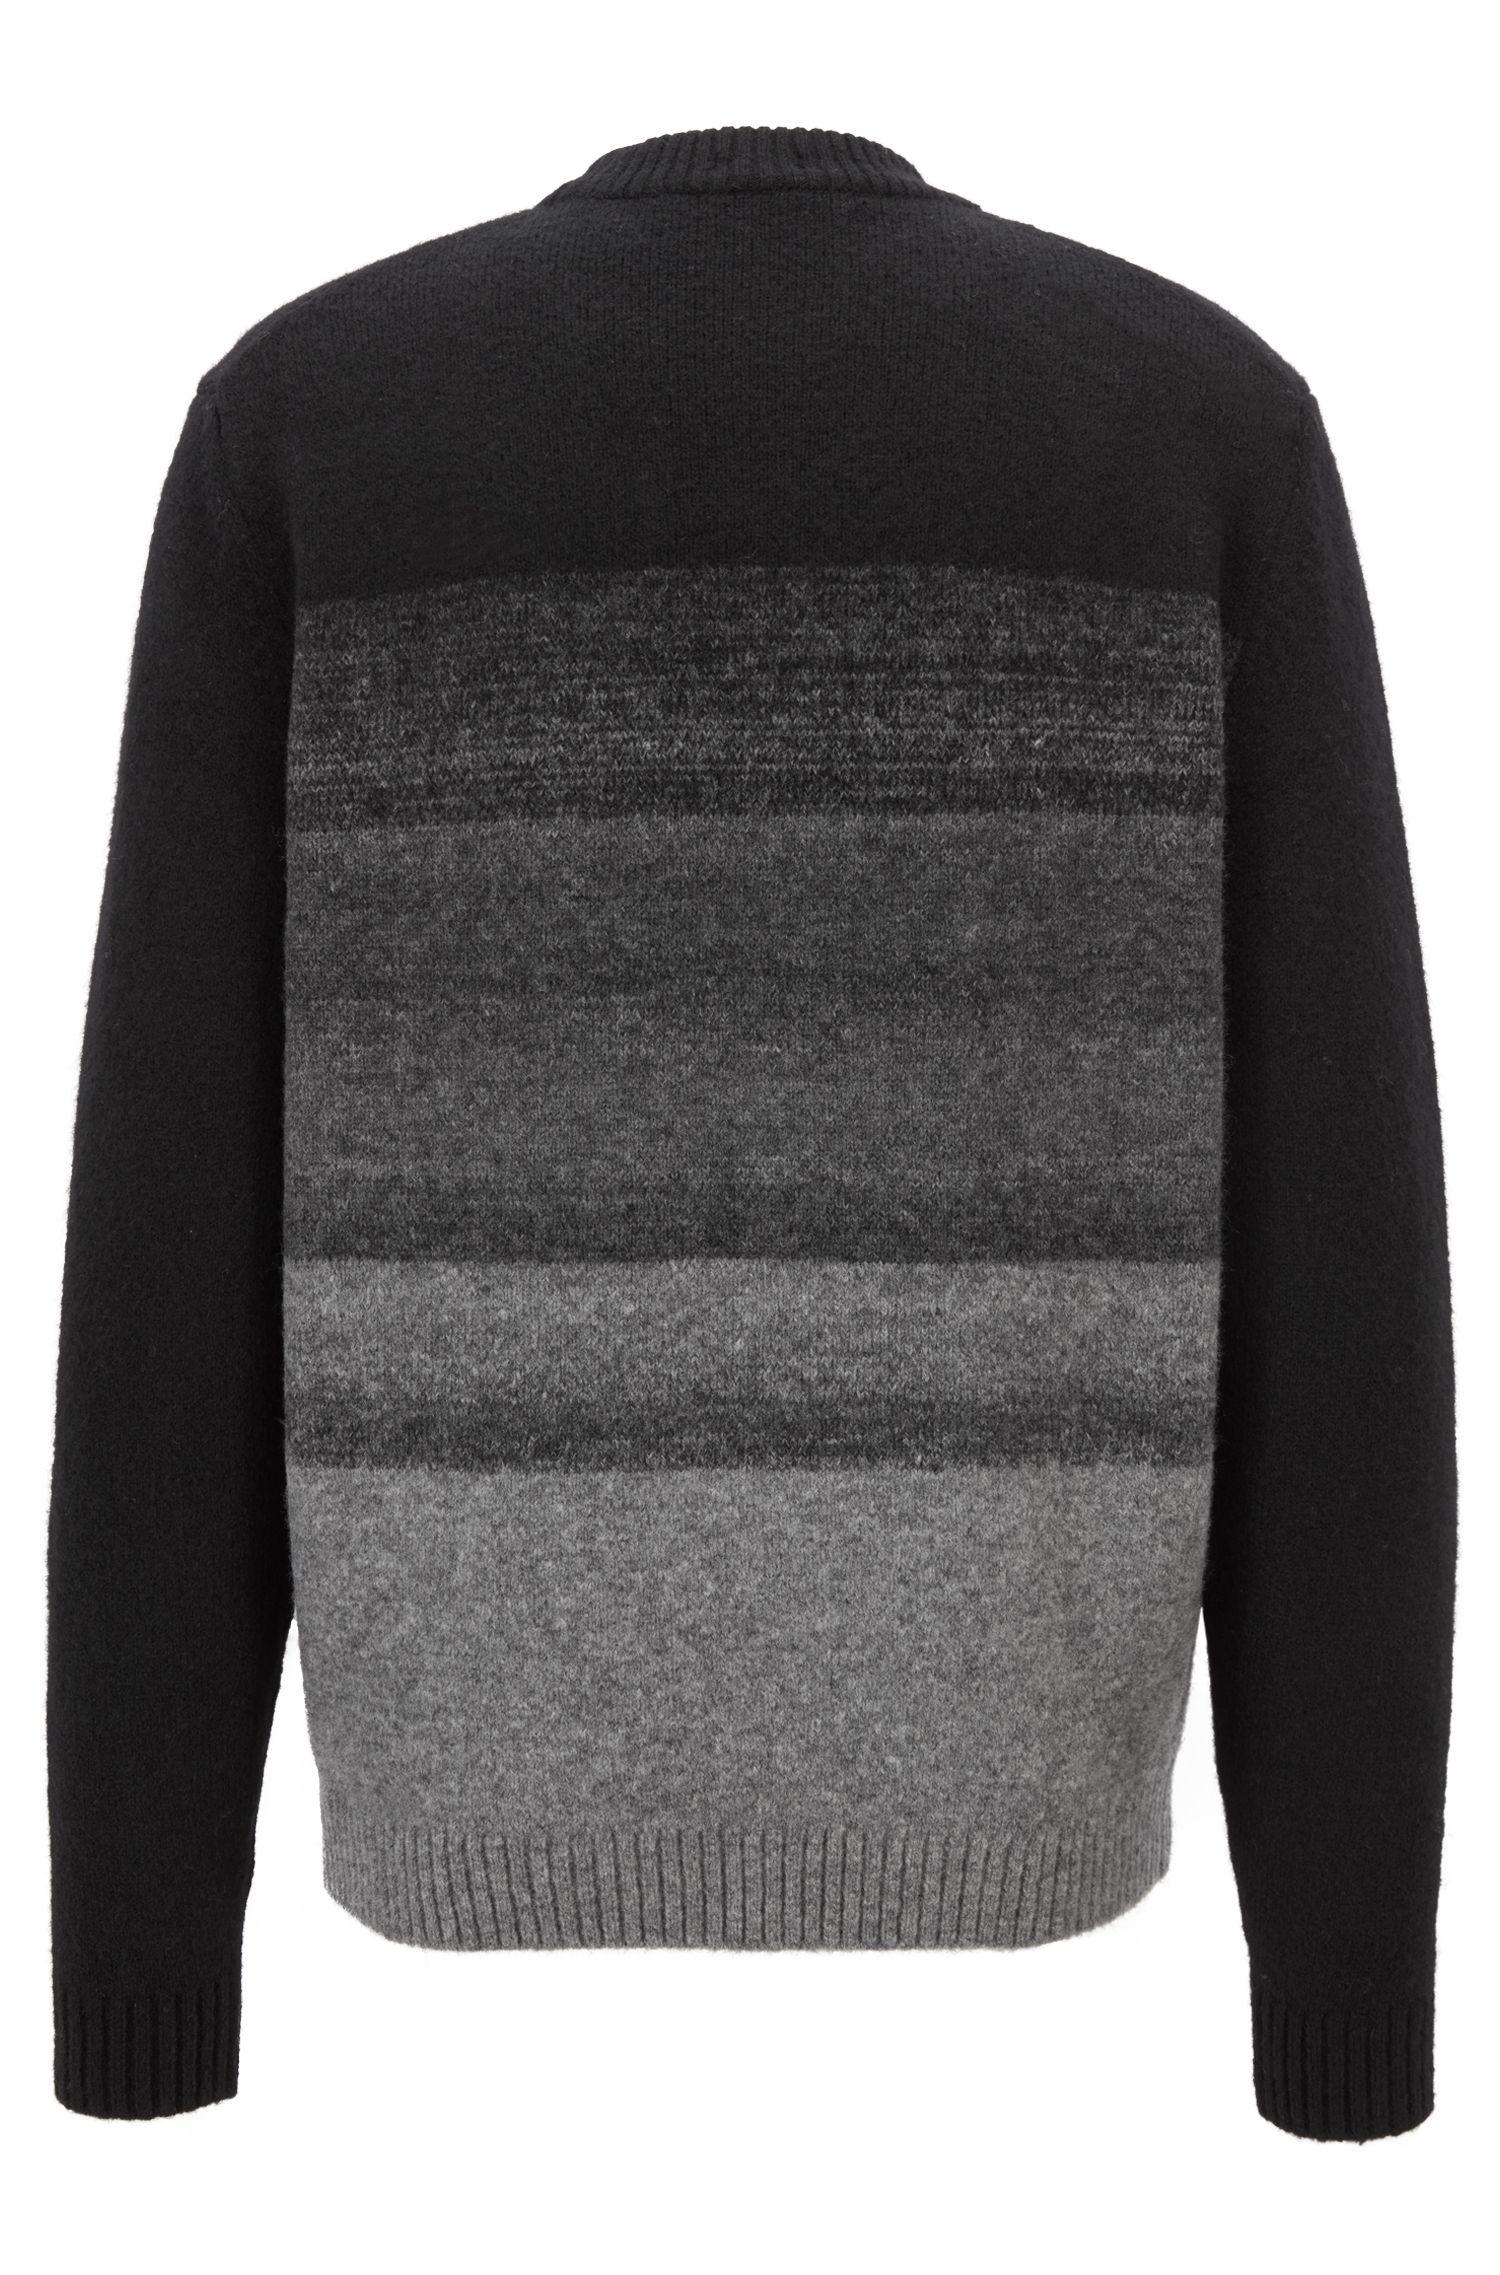 Maglione in misto lana con effetto dégradé, Nero